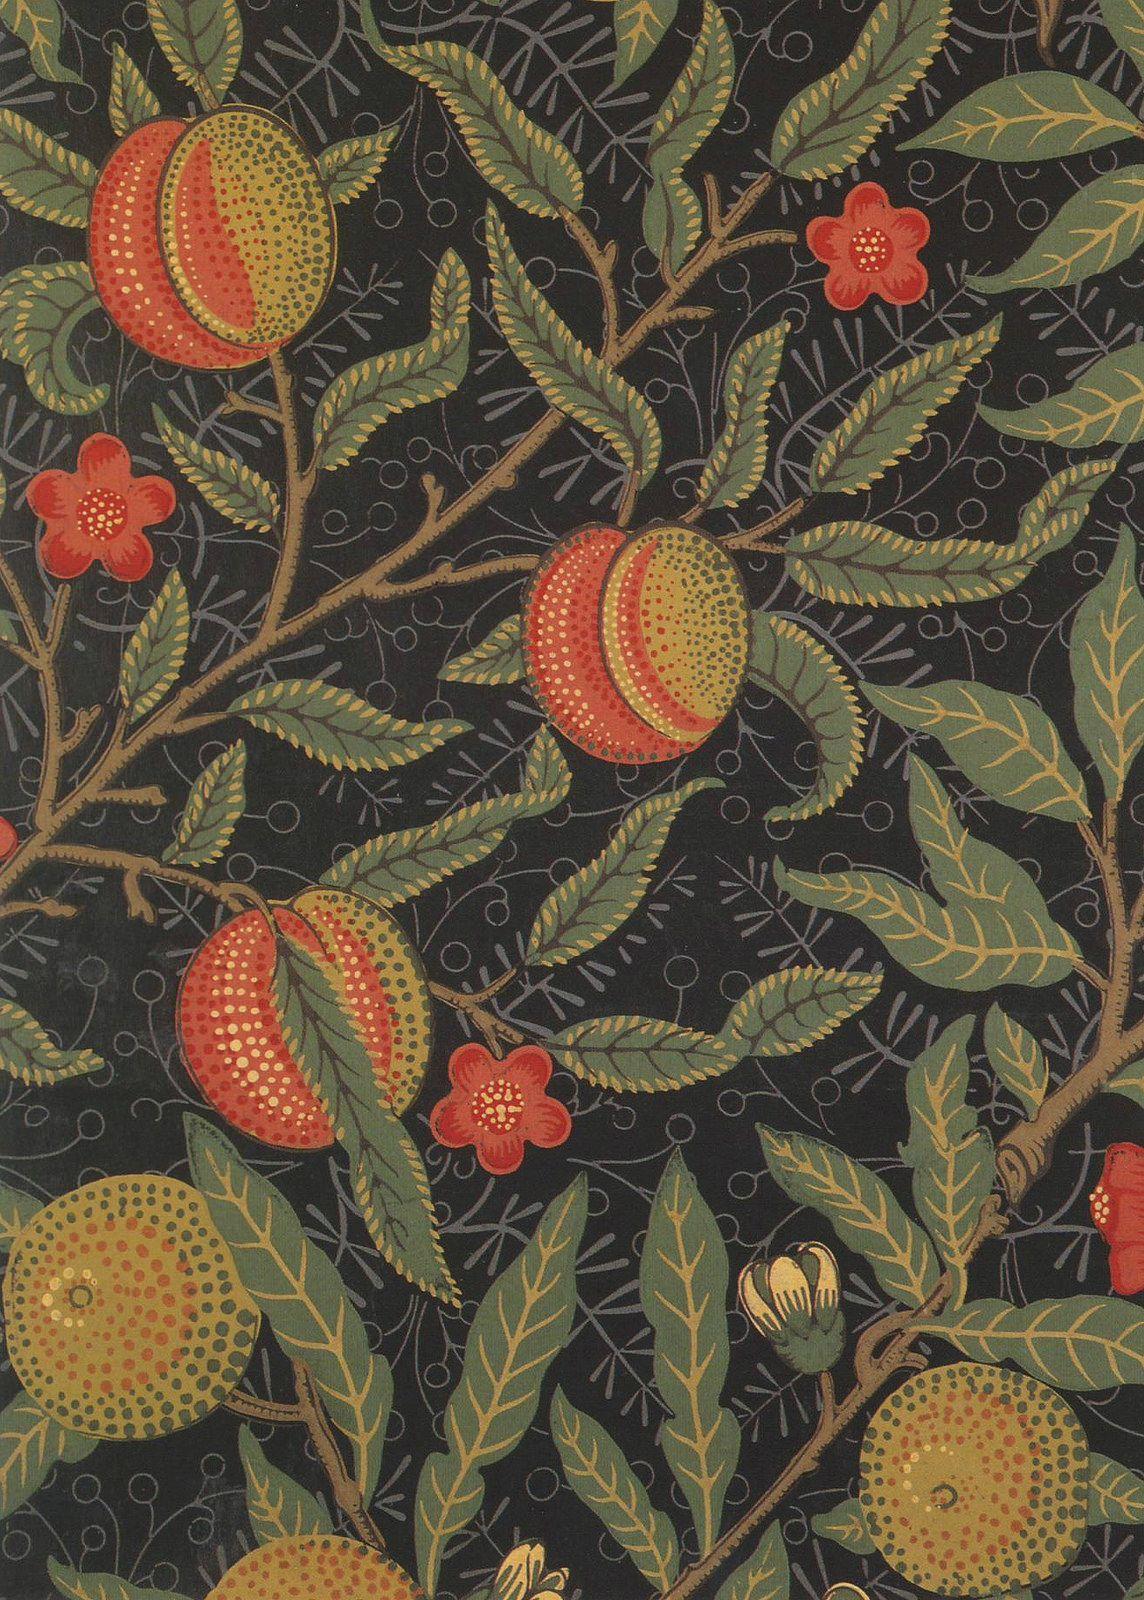 William Morris Wallpaper Design William morris wallpaper